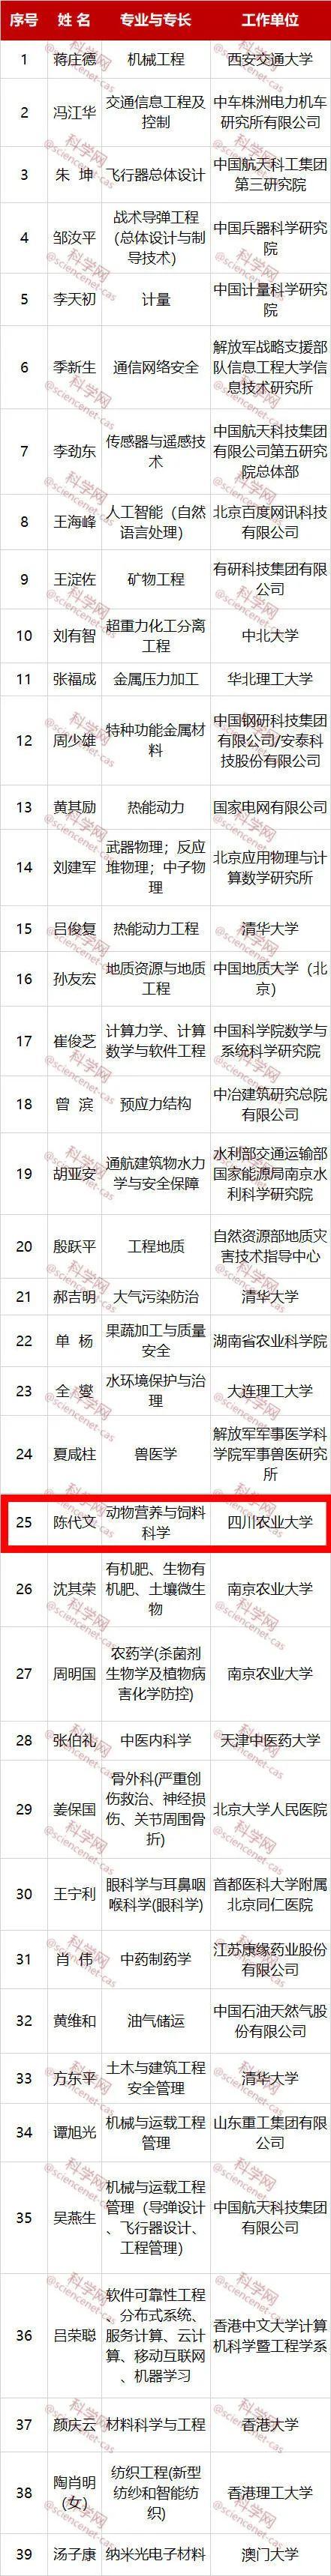 中国工程界最高奖项!我校陈代文教授名列其中图片